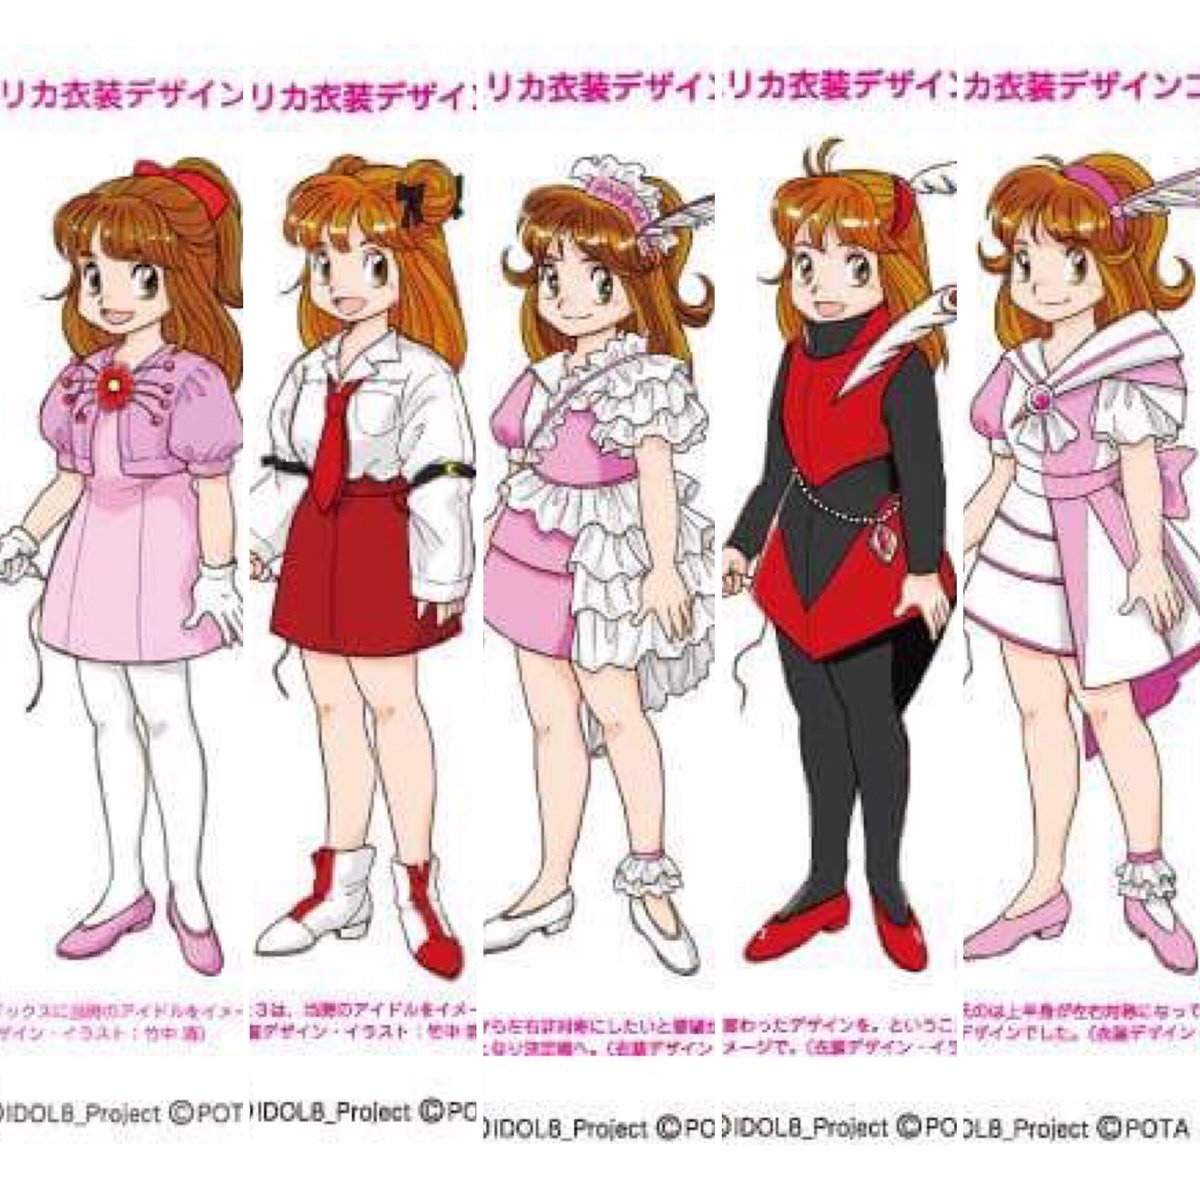 アイドル八犬伝西園寺エリカ衣装コレクション!ポストカードで蘇る!決定稿になるまで1〜15種あります!その中から5種を販売